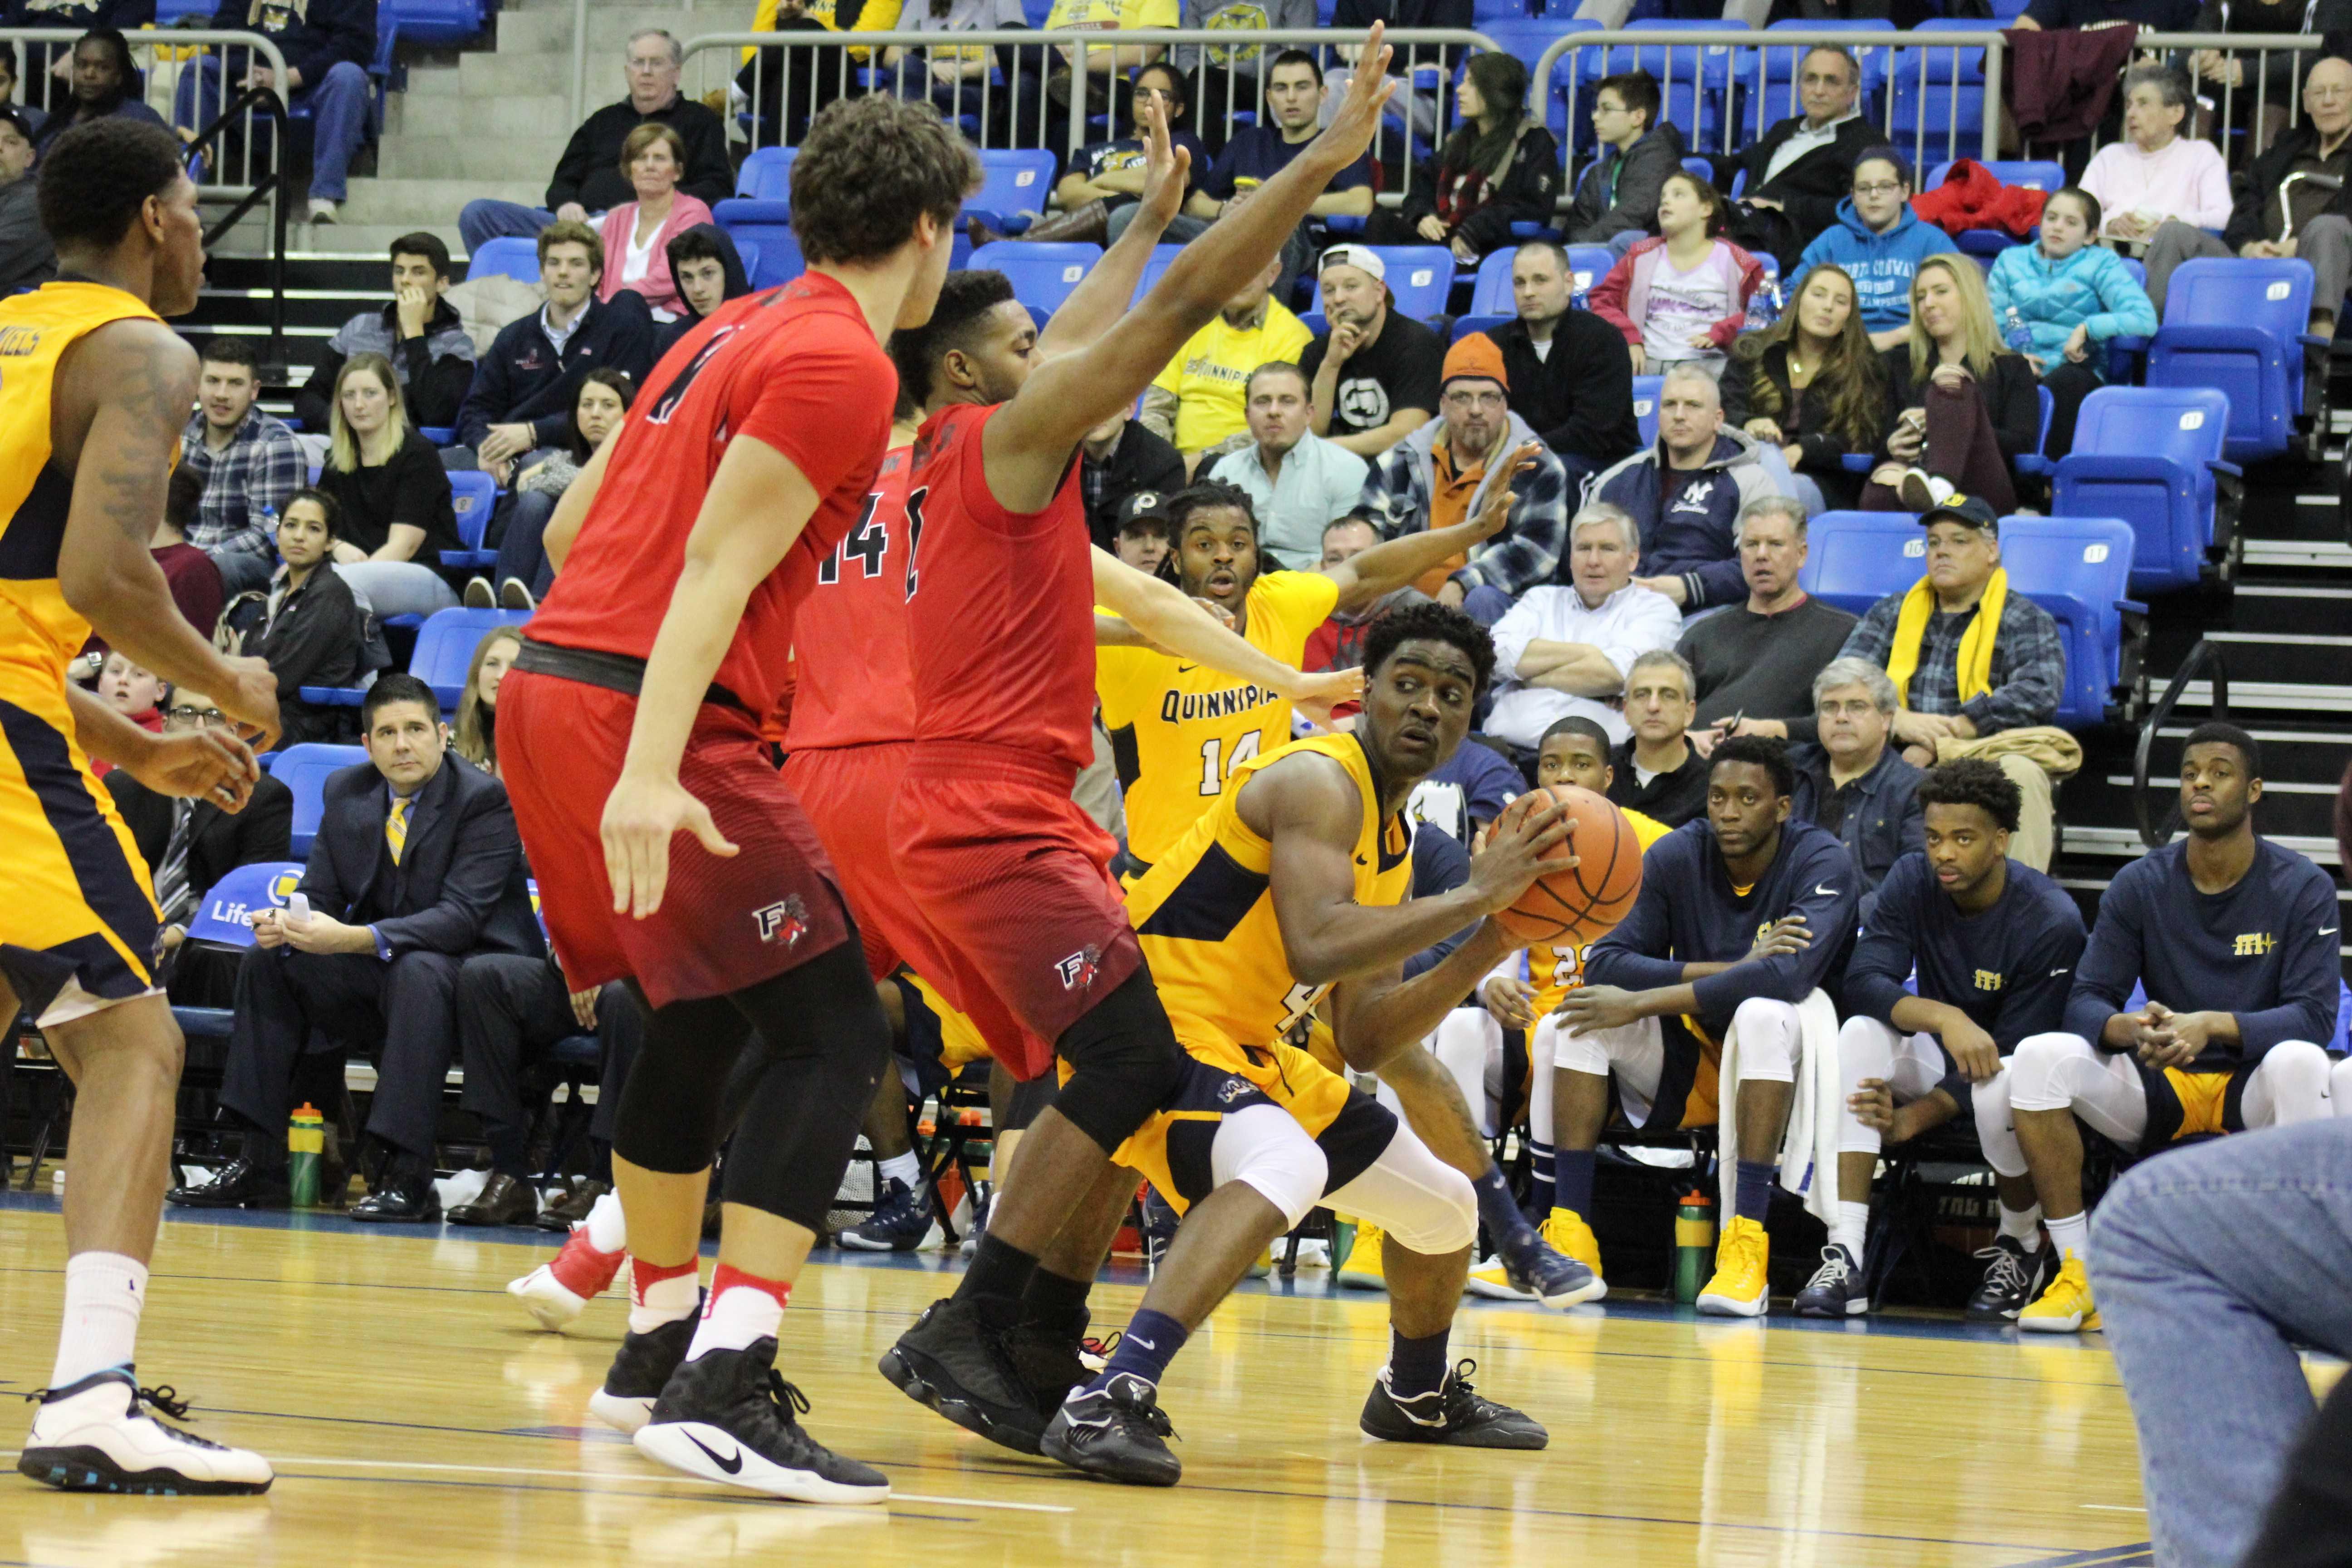 Men's basketball loses overtime heart-breaker to Fairfield